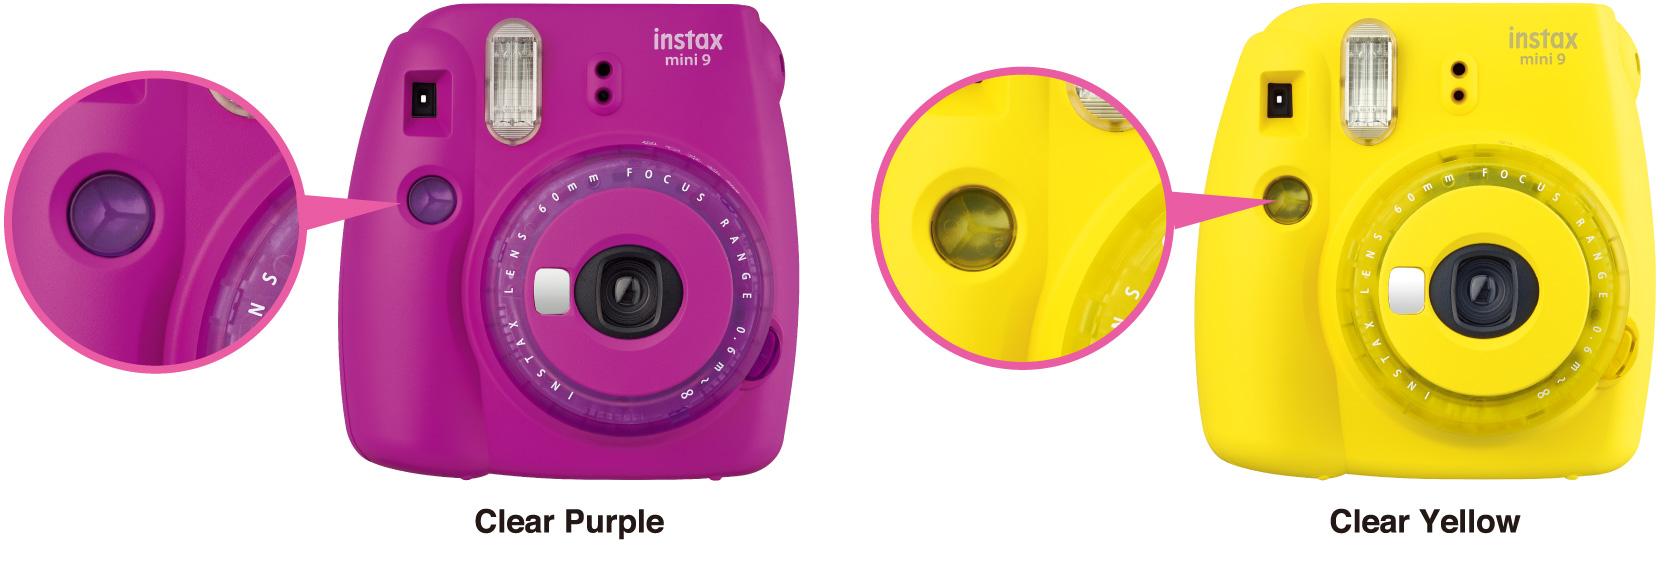 Câmeras Mini 9 roxa e amarela de edição limitada